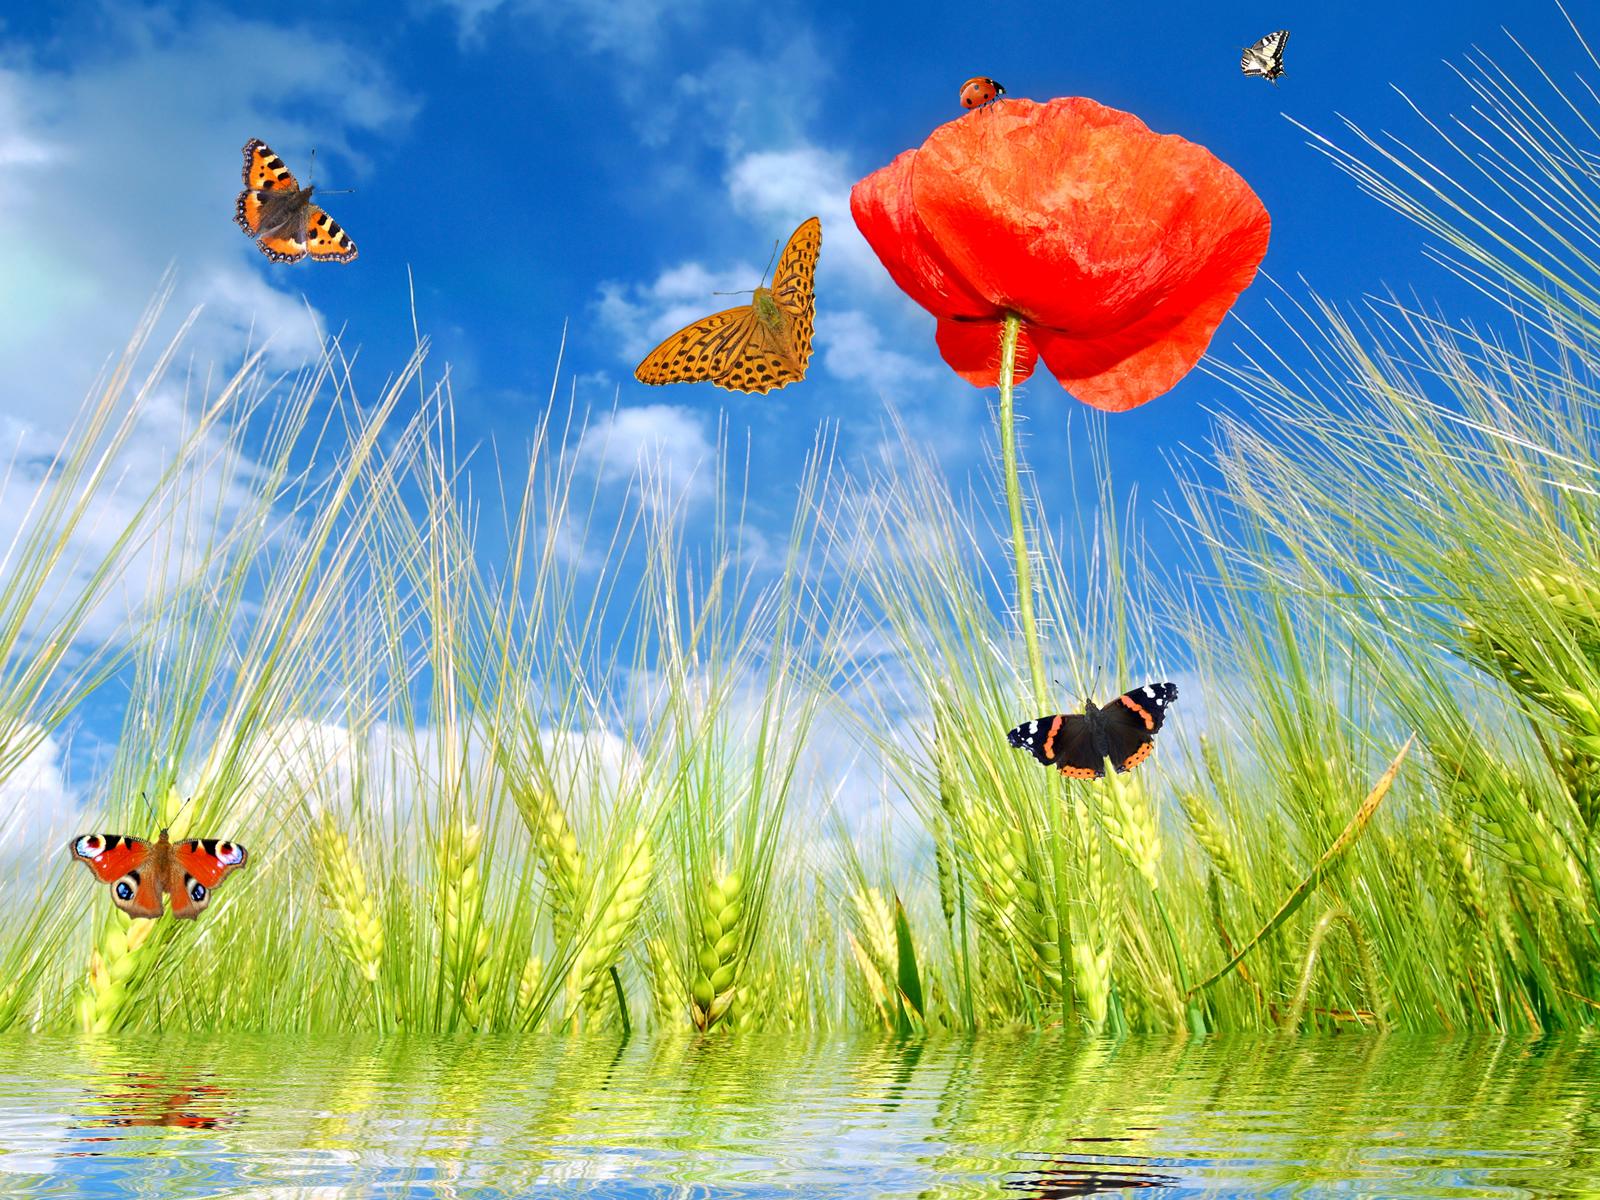 мак, зеленая трава, бабочки, весна, скачать фото, обои для рабочего стола